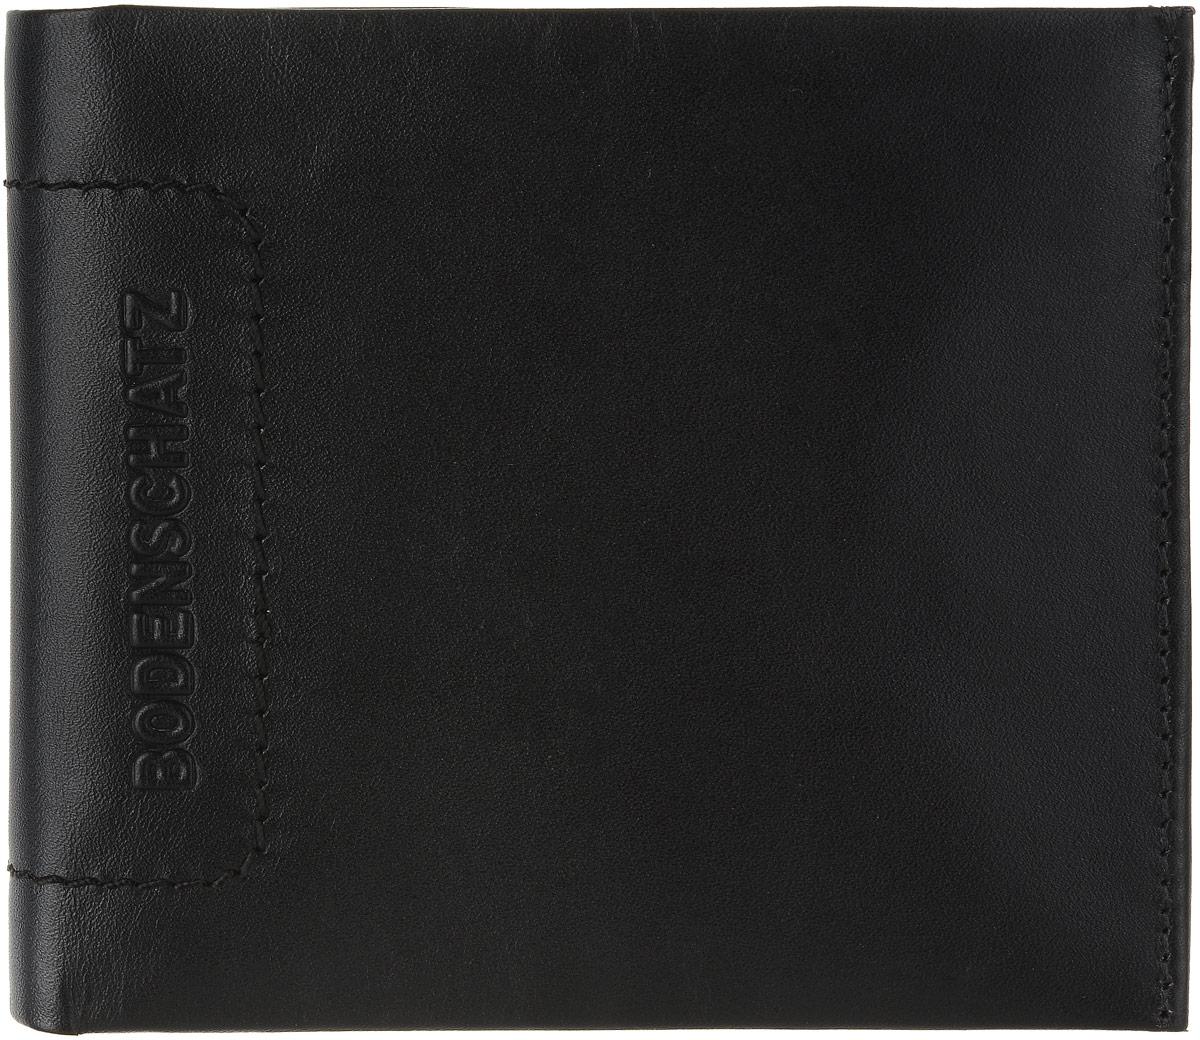 Кошелек мужской Bodenschatz, цвет: черный. 8-4988-498 blackМужской кошелек Bodenschatz выполнен из натуральной высококачественной кожи. Изделие раскладывается пополам. Внутри располагаются два отделения для купюр, шесть отделений для кредитных карт или визиток, два скрытых кармашка и отделение для мелочи на застежке-кнопке.